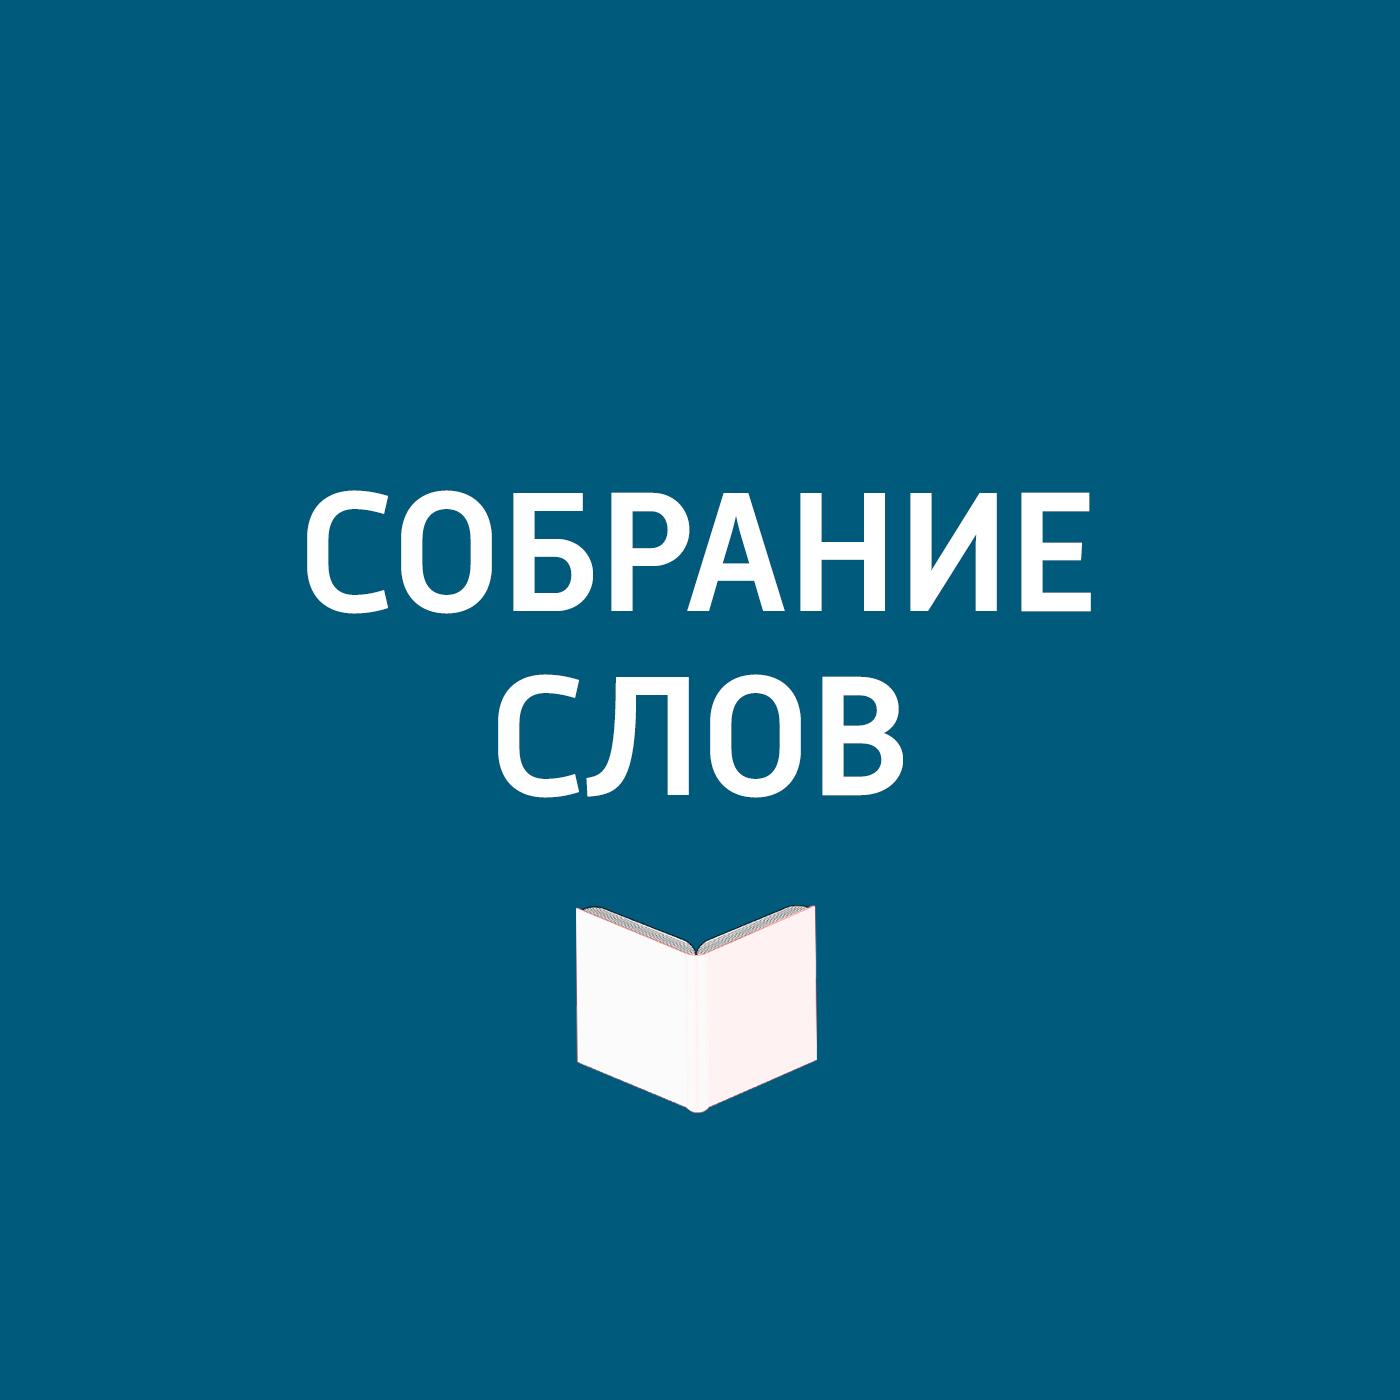 Творческий коллектив программы «Собрание слов» Большое интервью Артёма Михалкова и Стаса Тыркина